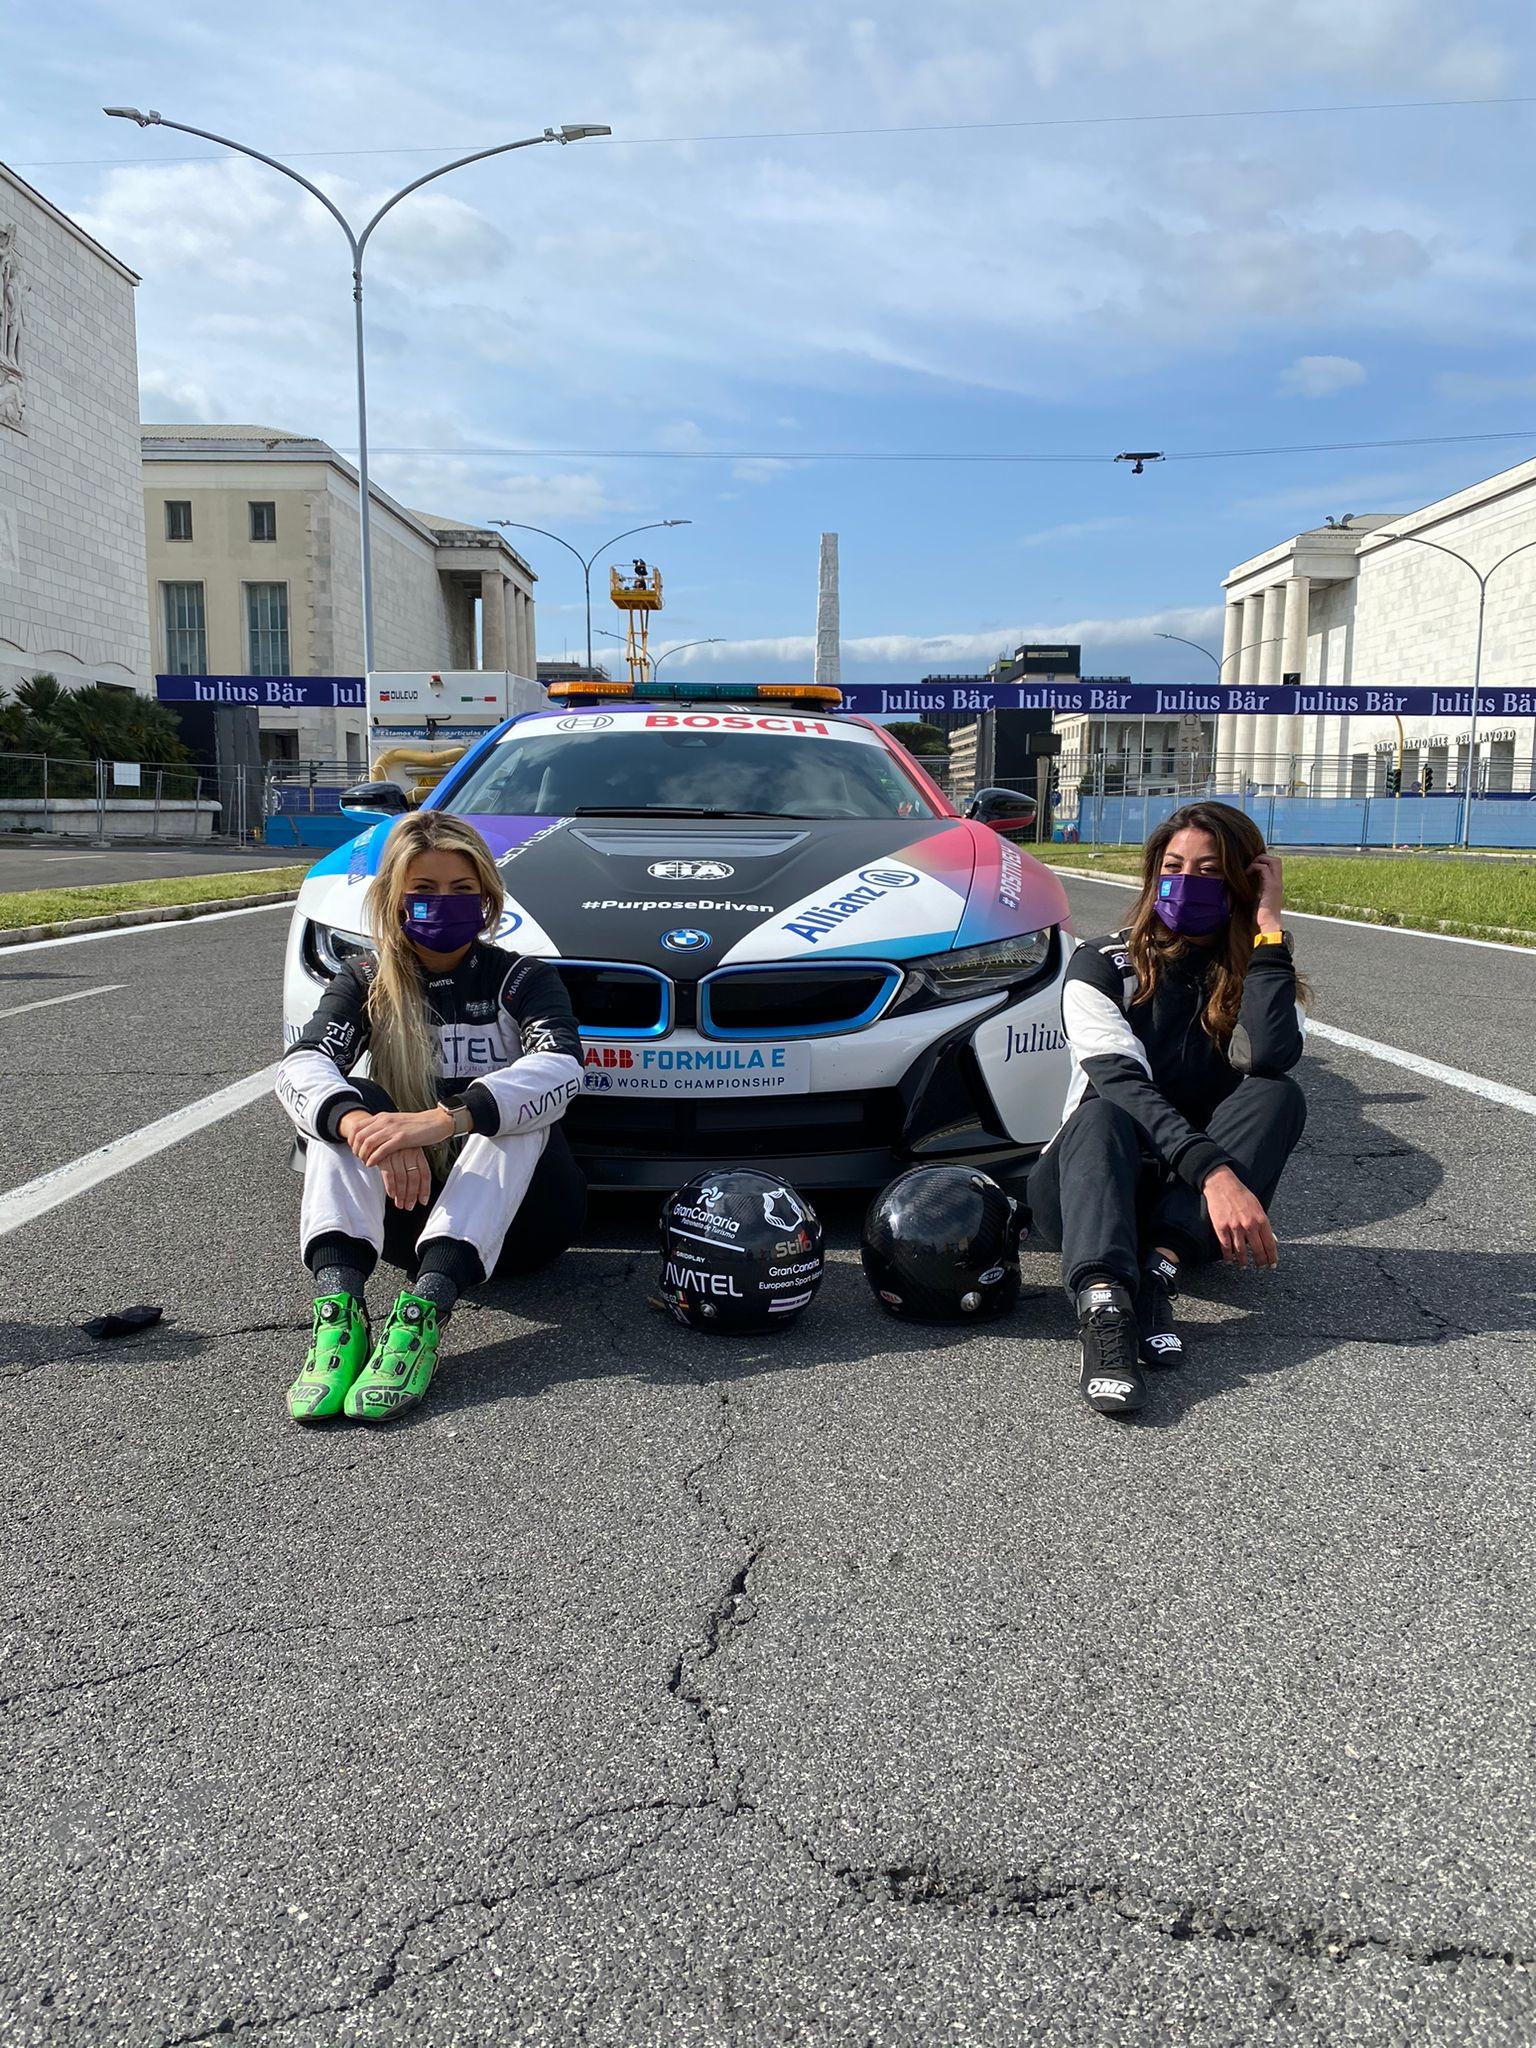 Vicky Piria e Christine Giampoli Zonca hanno provato il nuovo circuito dell&rsquo;E-Prix di Roma a bordo della safety car Bmw i8<br /><br />